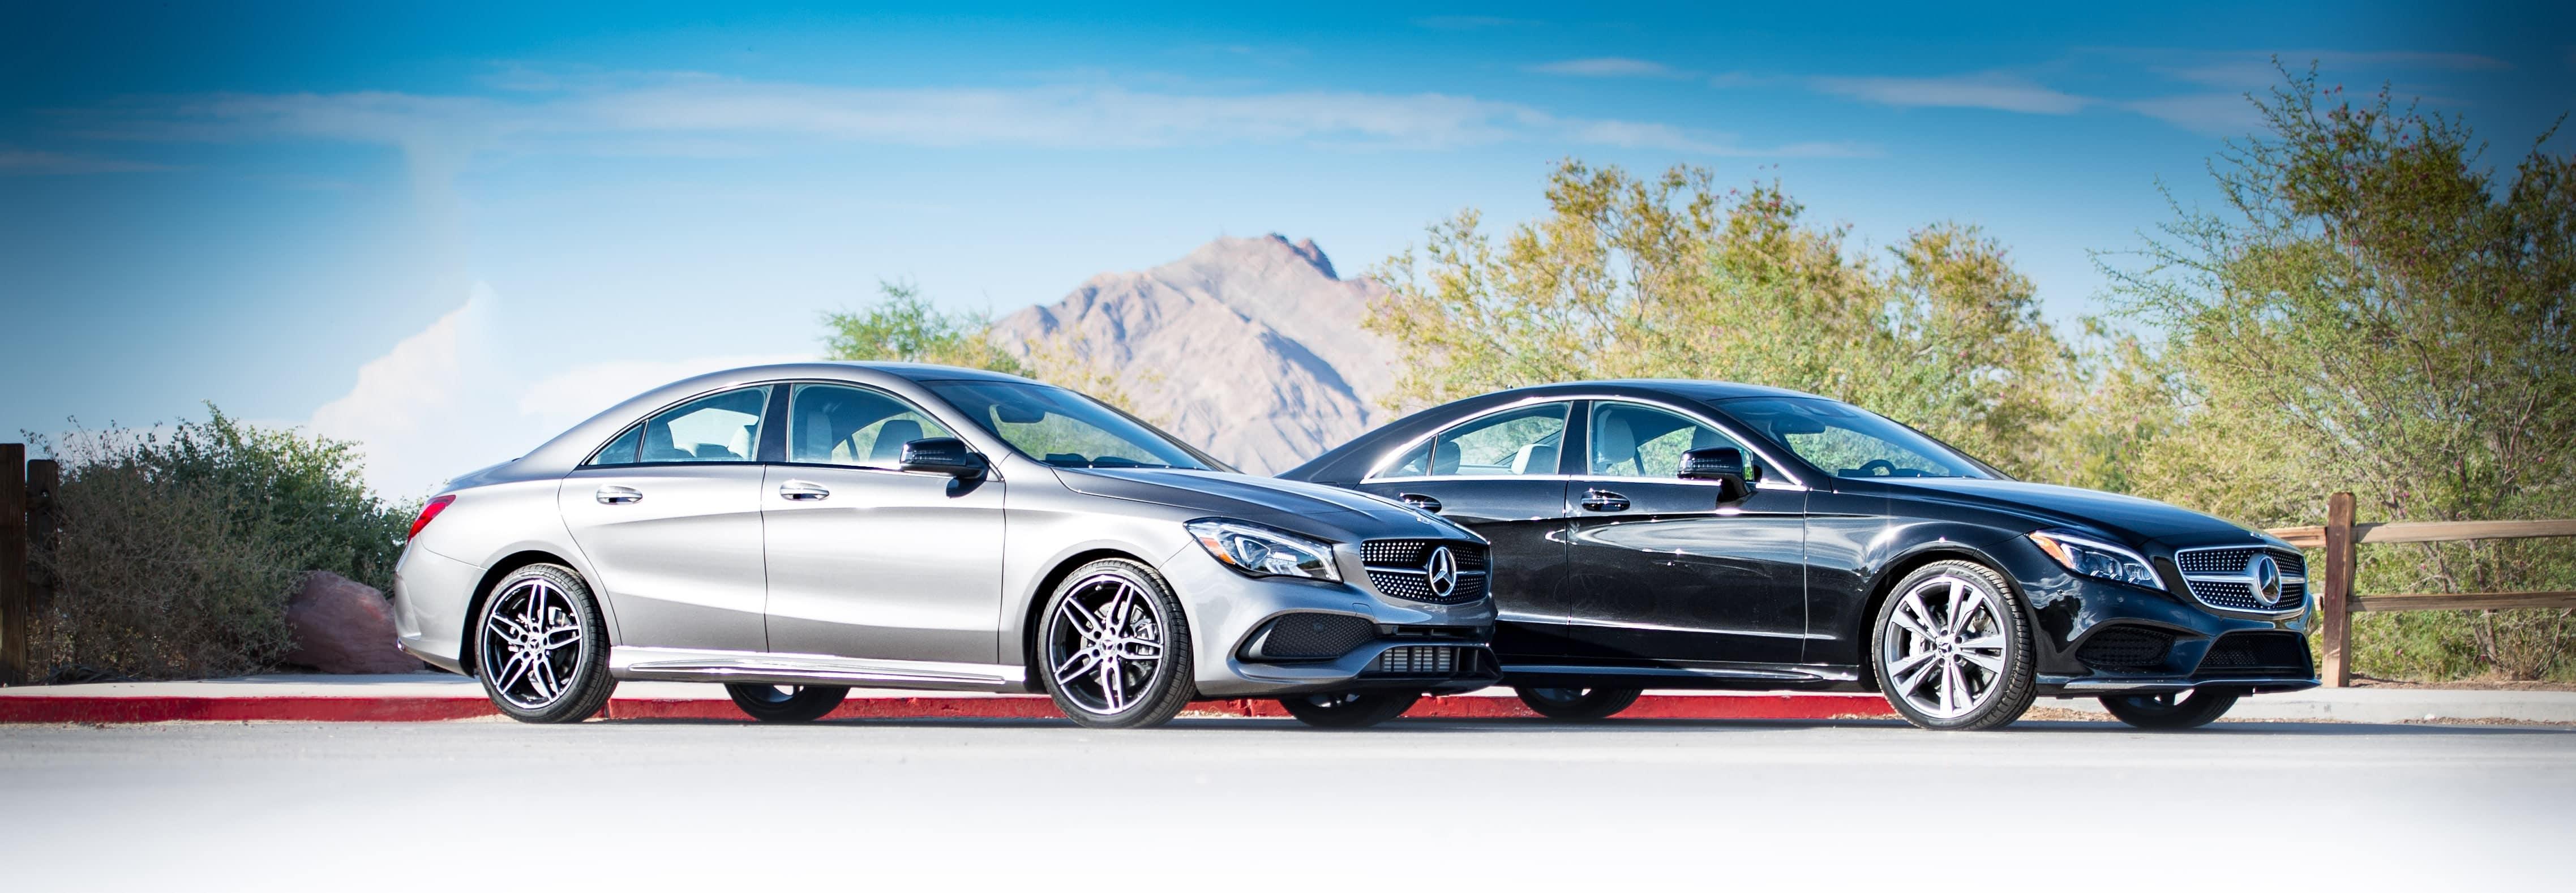 Mercedes-Benz C-Class Lineup